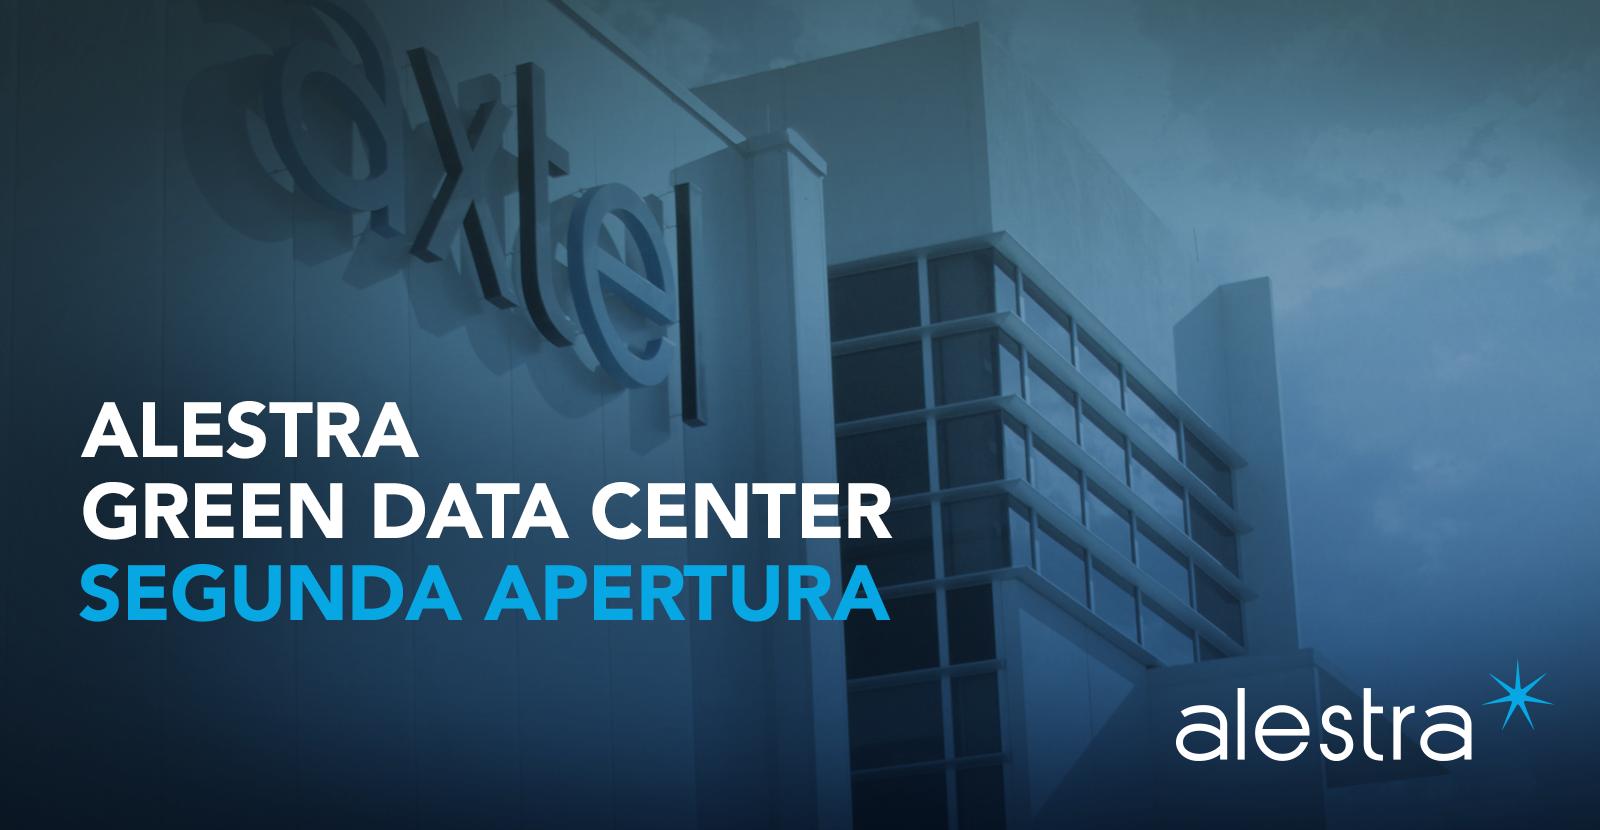 Alestra-Green-Data-Center-Segunda-Apertura.png